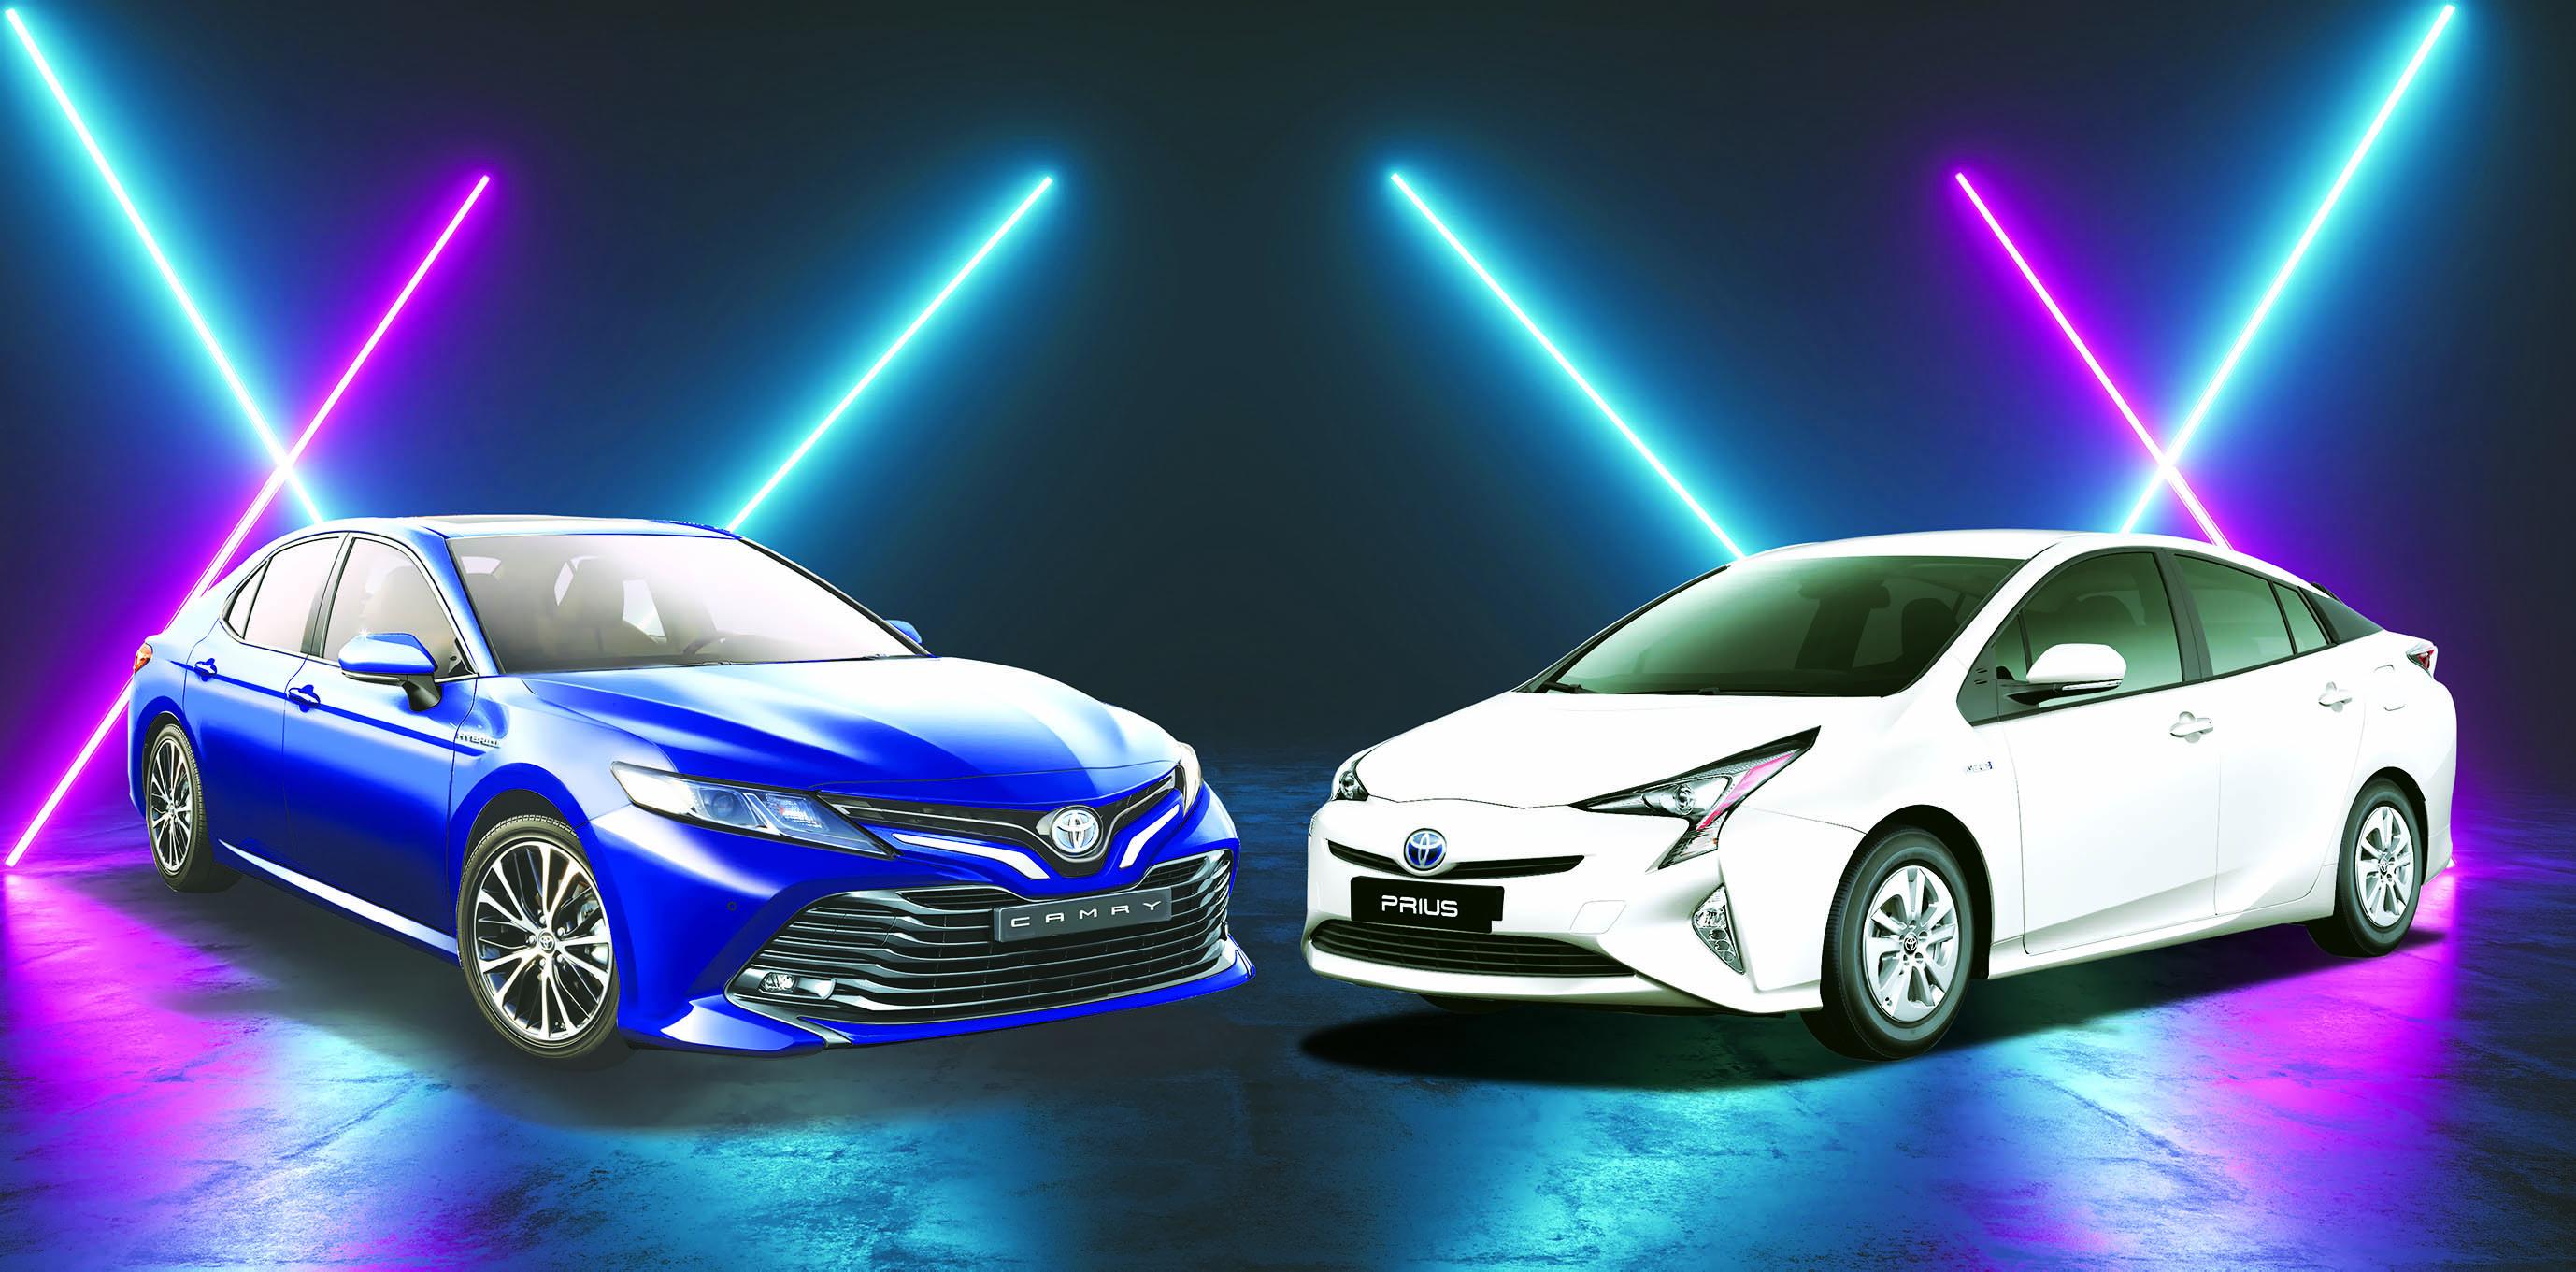 سيارات تويوتا الهايبرِد أعجوبة في توفير الوقود